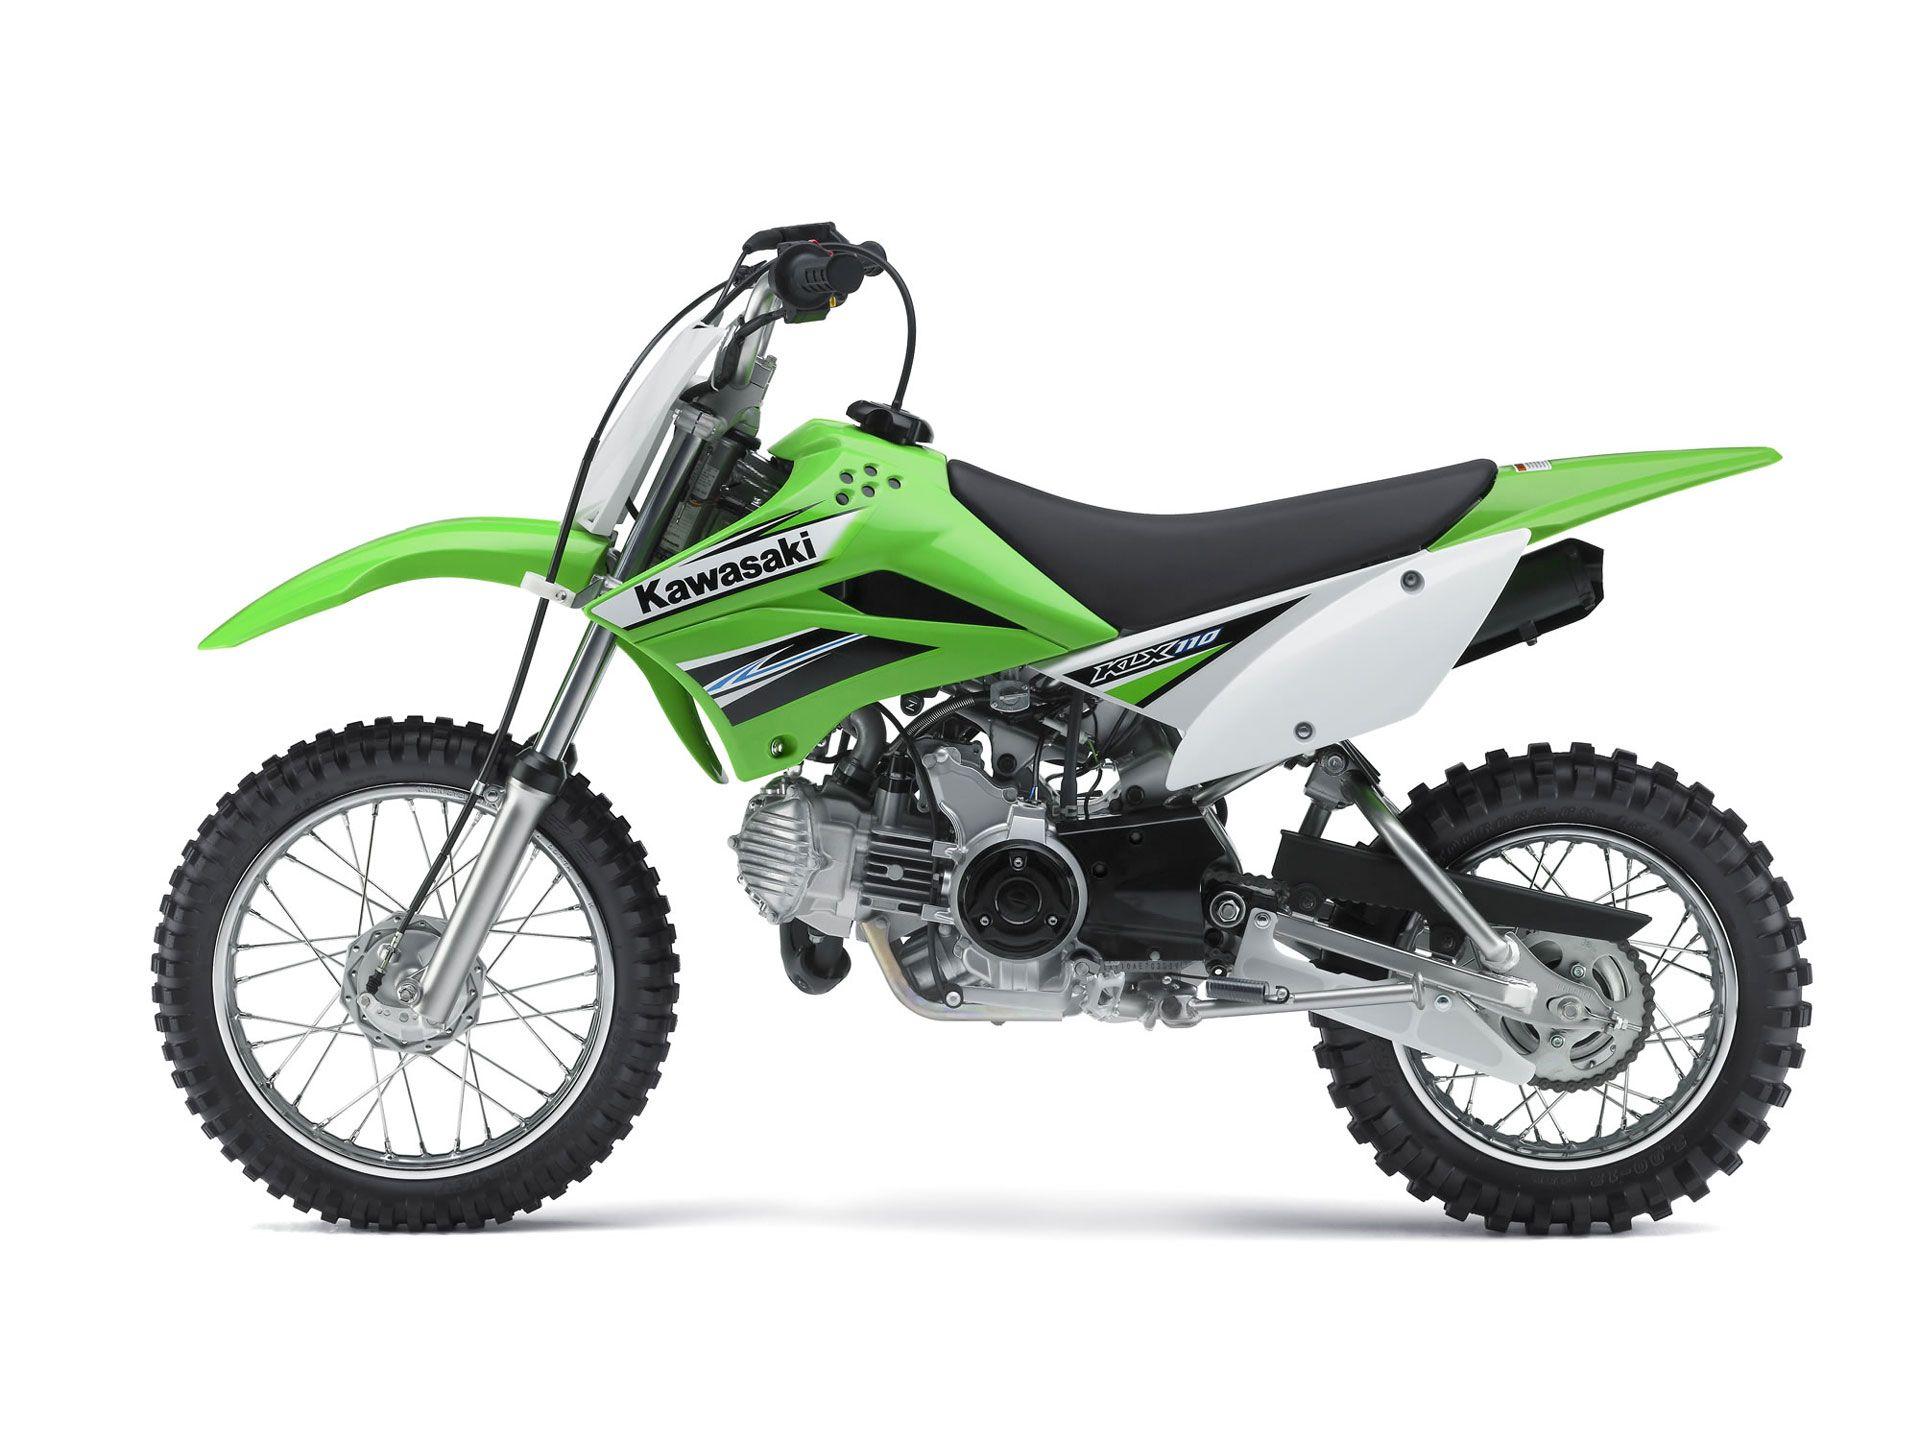 kawasaki klx 650r Kawasaki dirt bikes, Motorcycles for